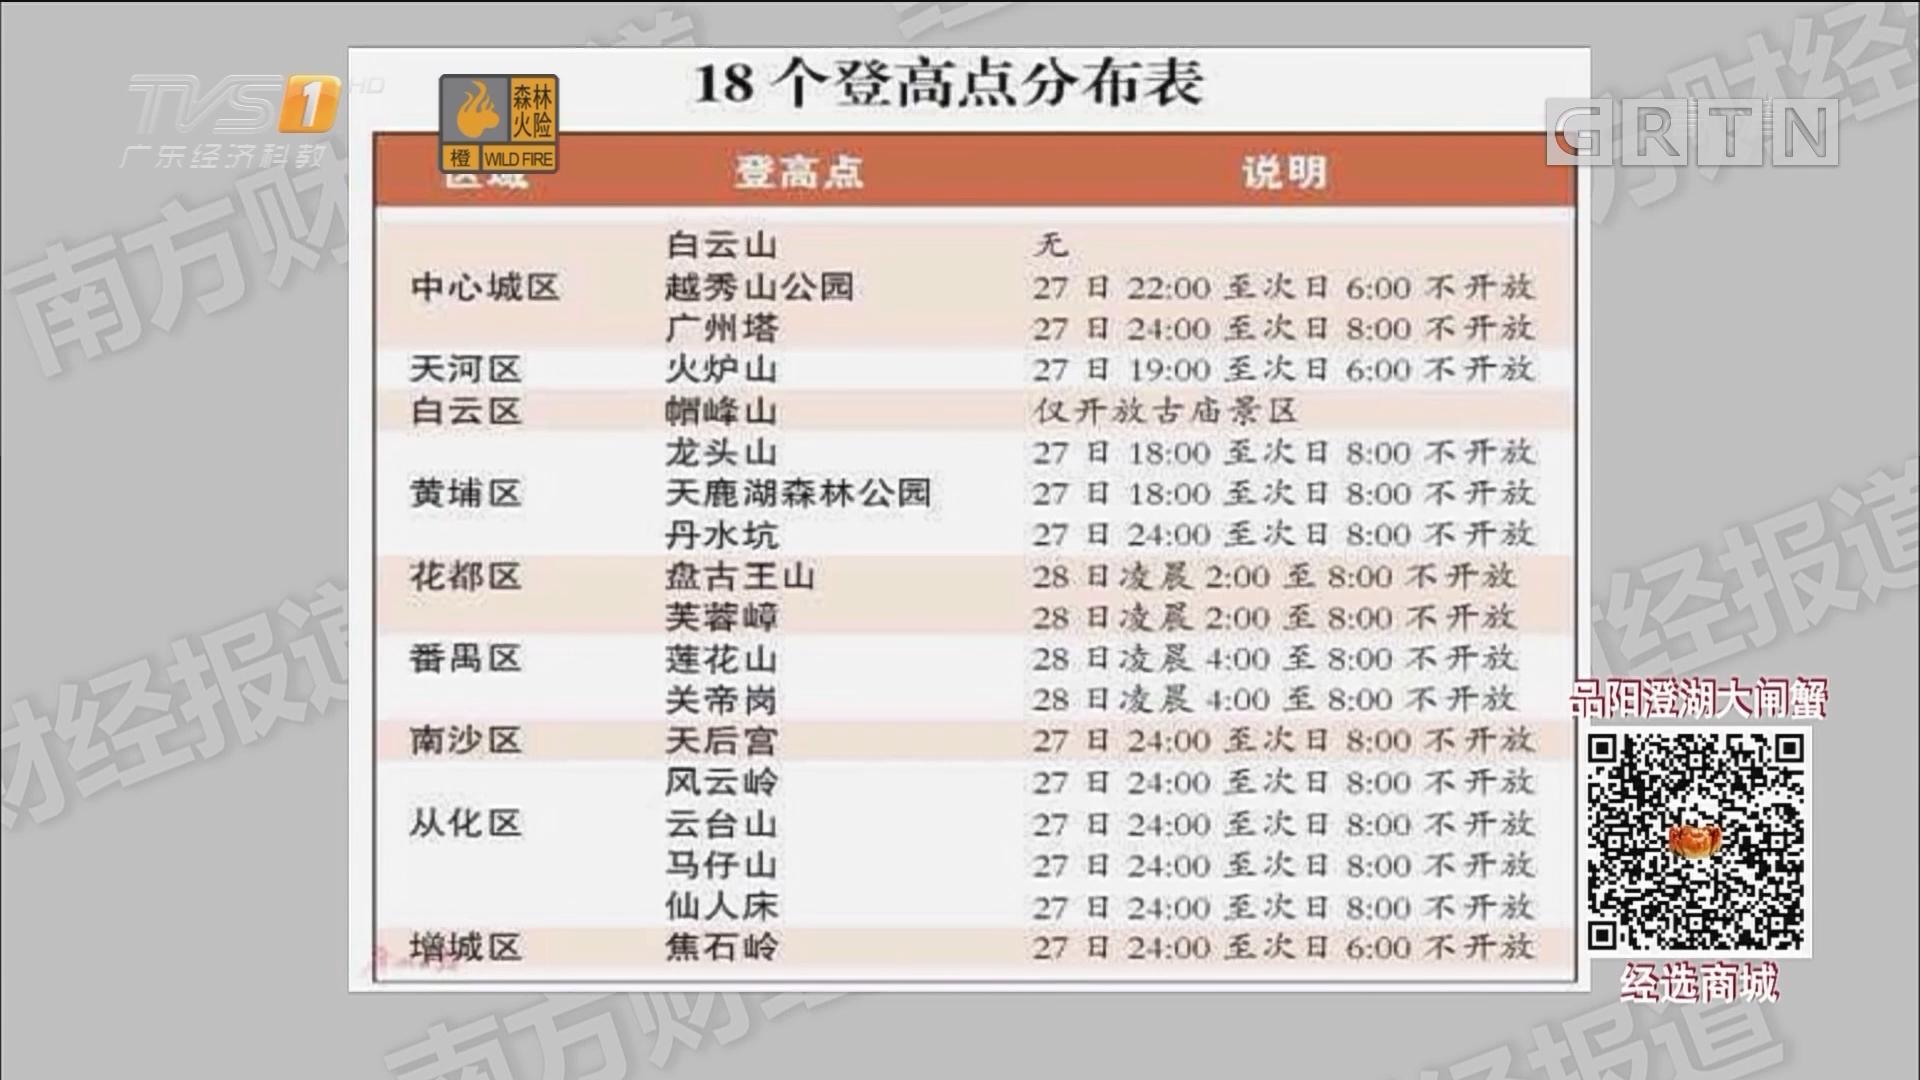 重阳节广州开放18个登高点